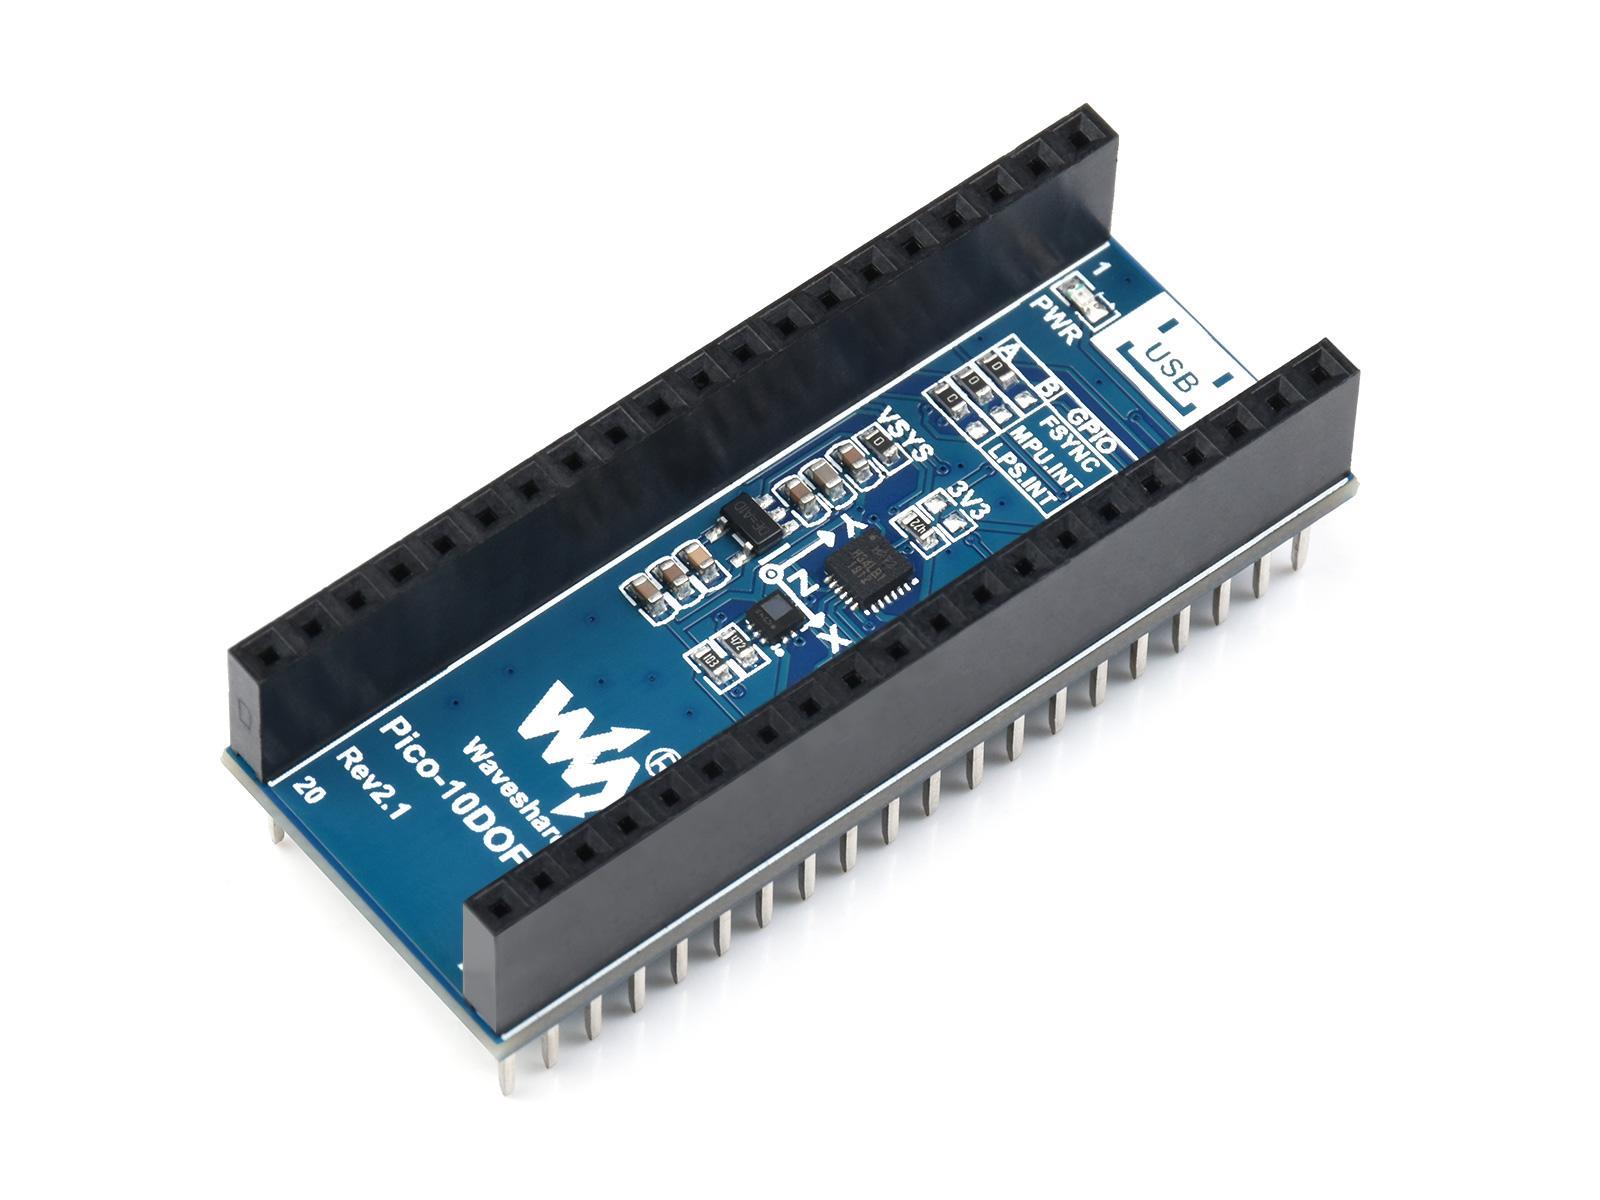 树莓派Pico 10轴传感器扩展板 ICM20948 3轴加速度/陀螺仪/磁力计